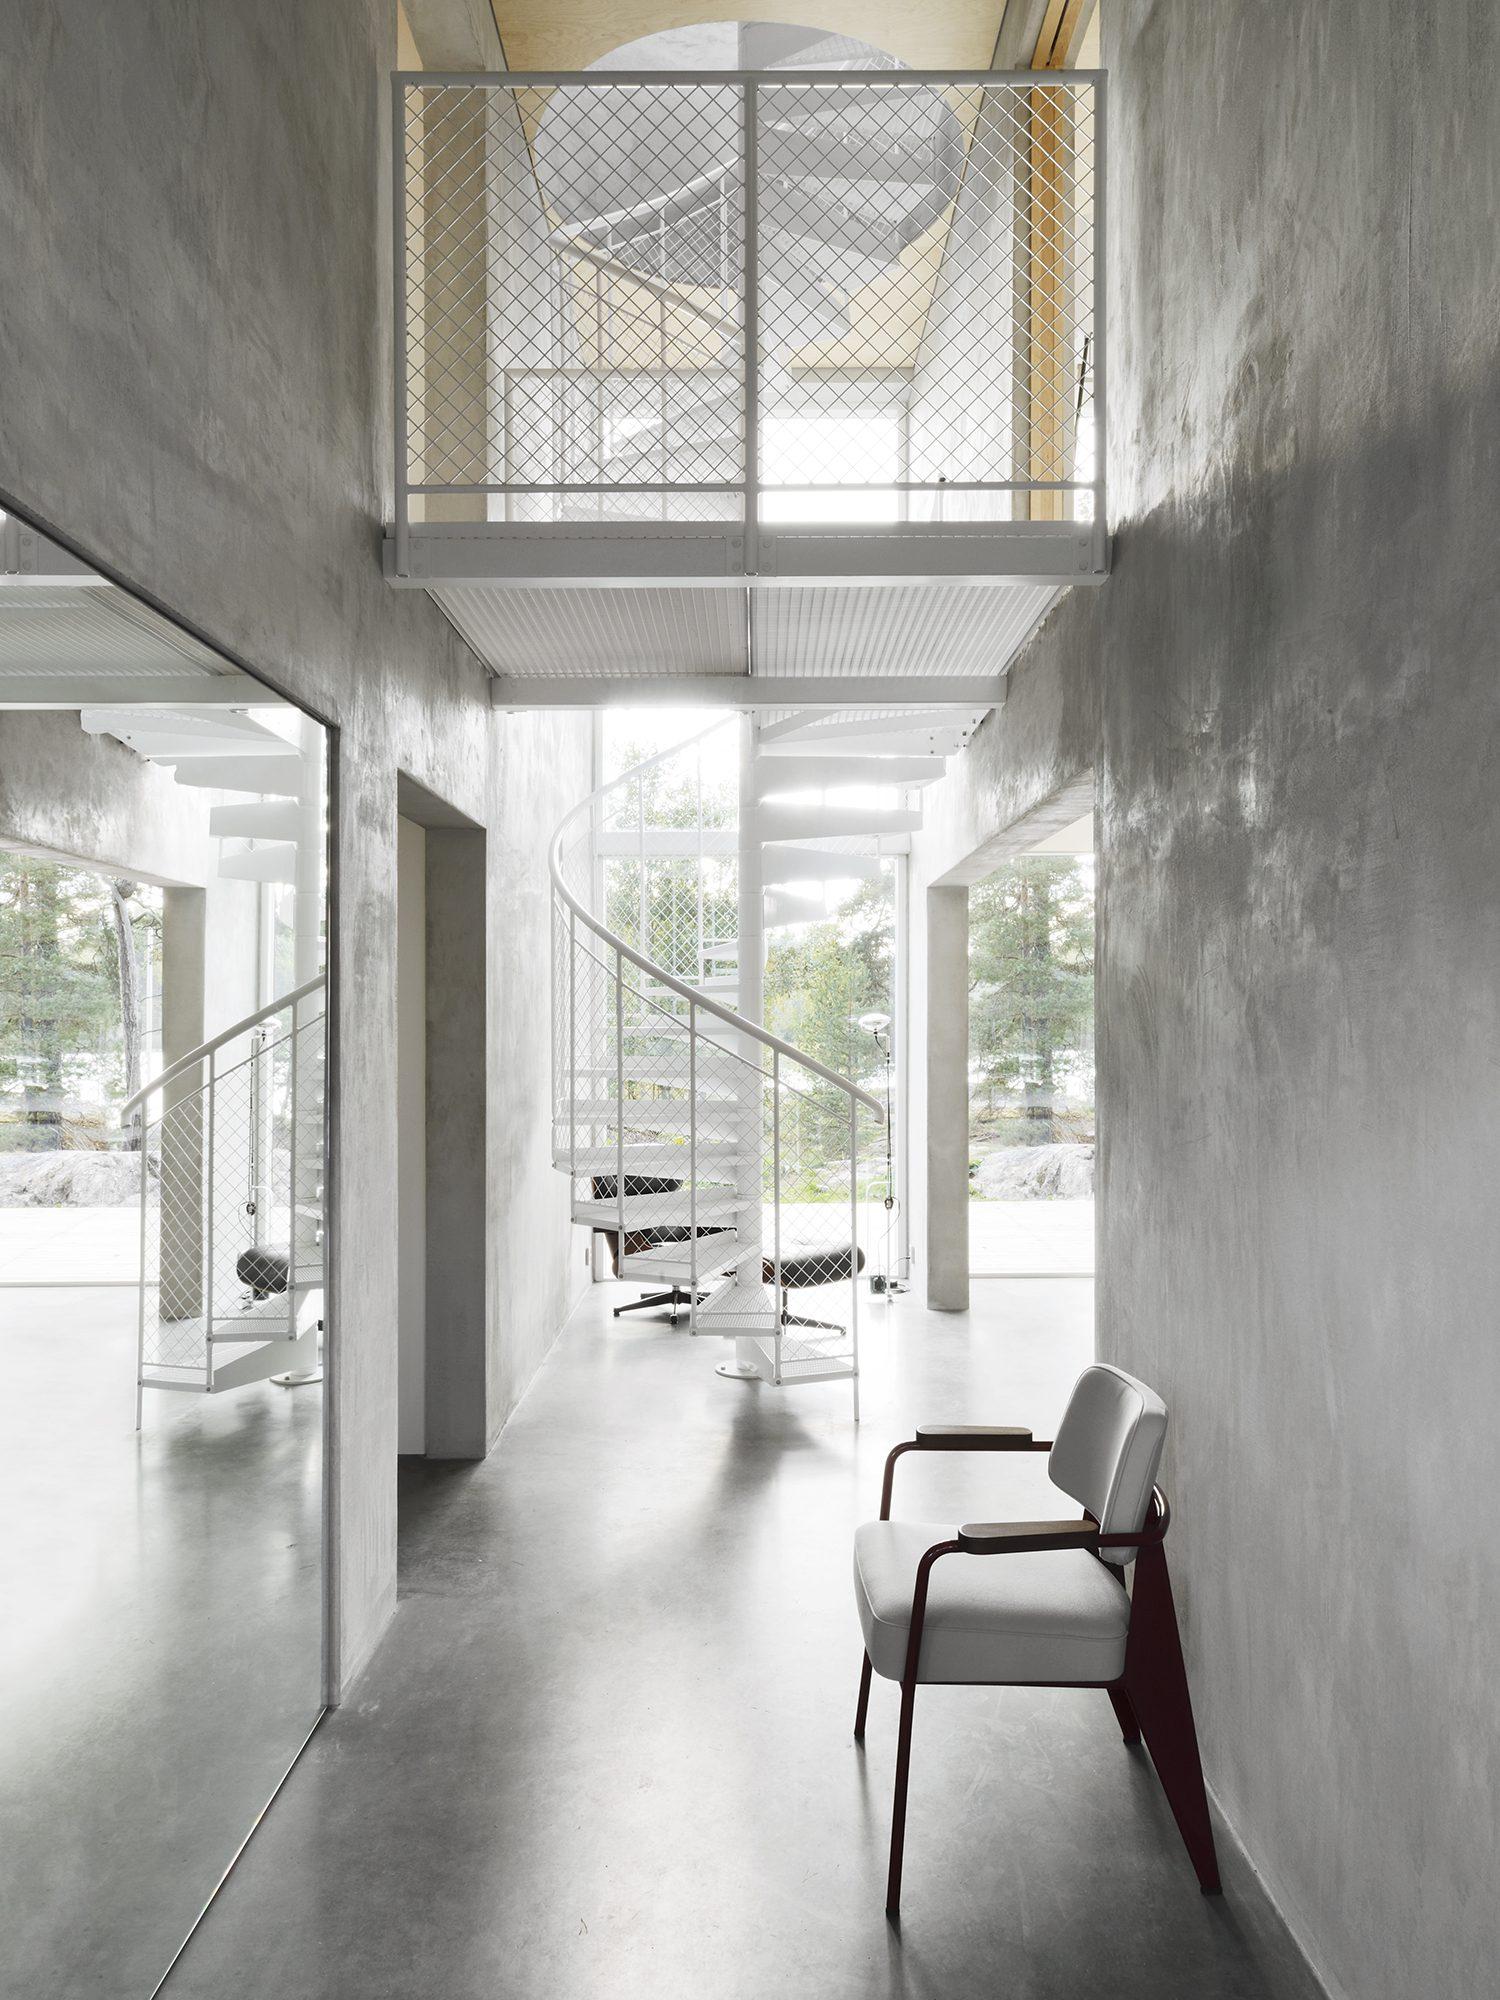 SIX WALLS HOUSE ARRHOV FRICK 09